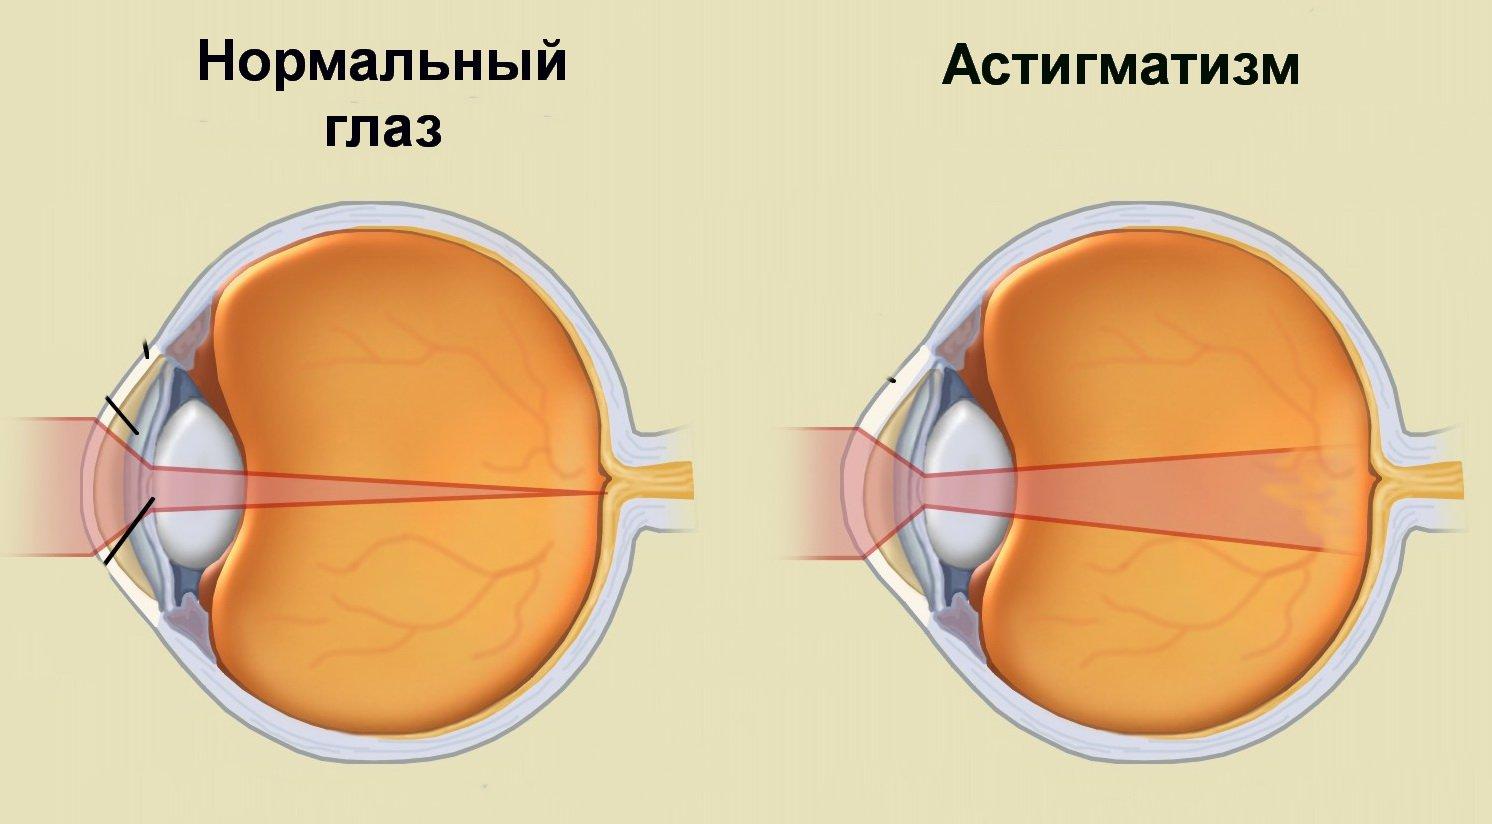 Hogyan lehet gyorsan helyreállítani a látást a rövidlátásban?